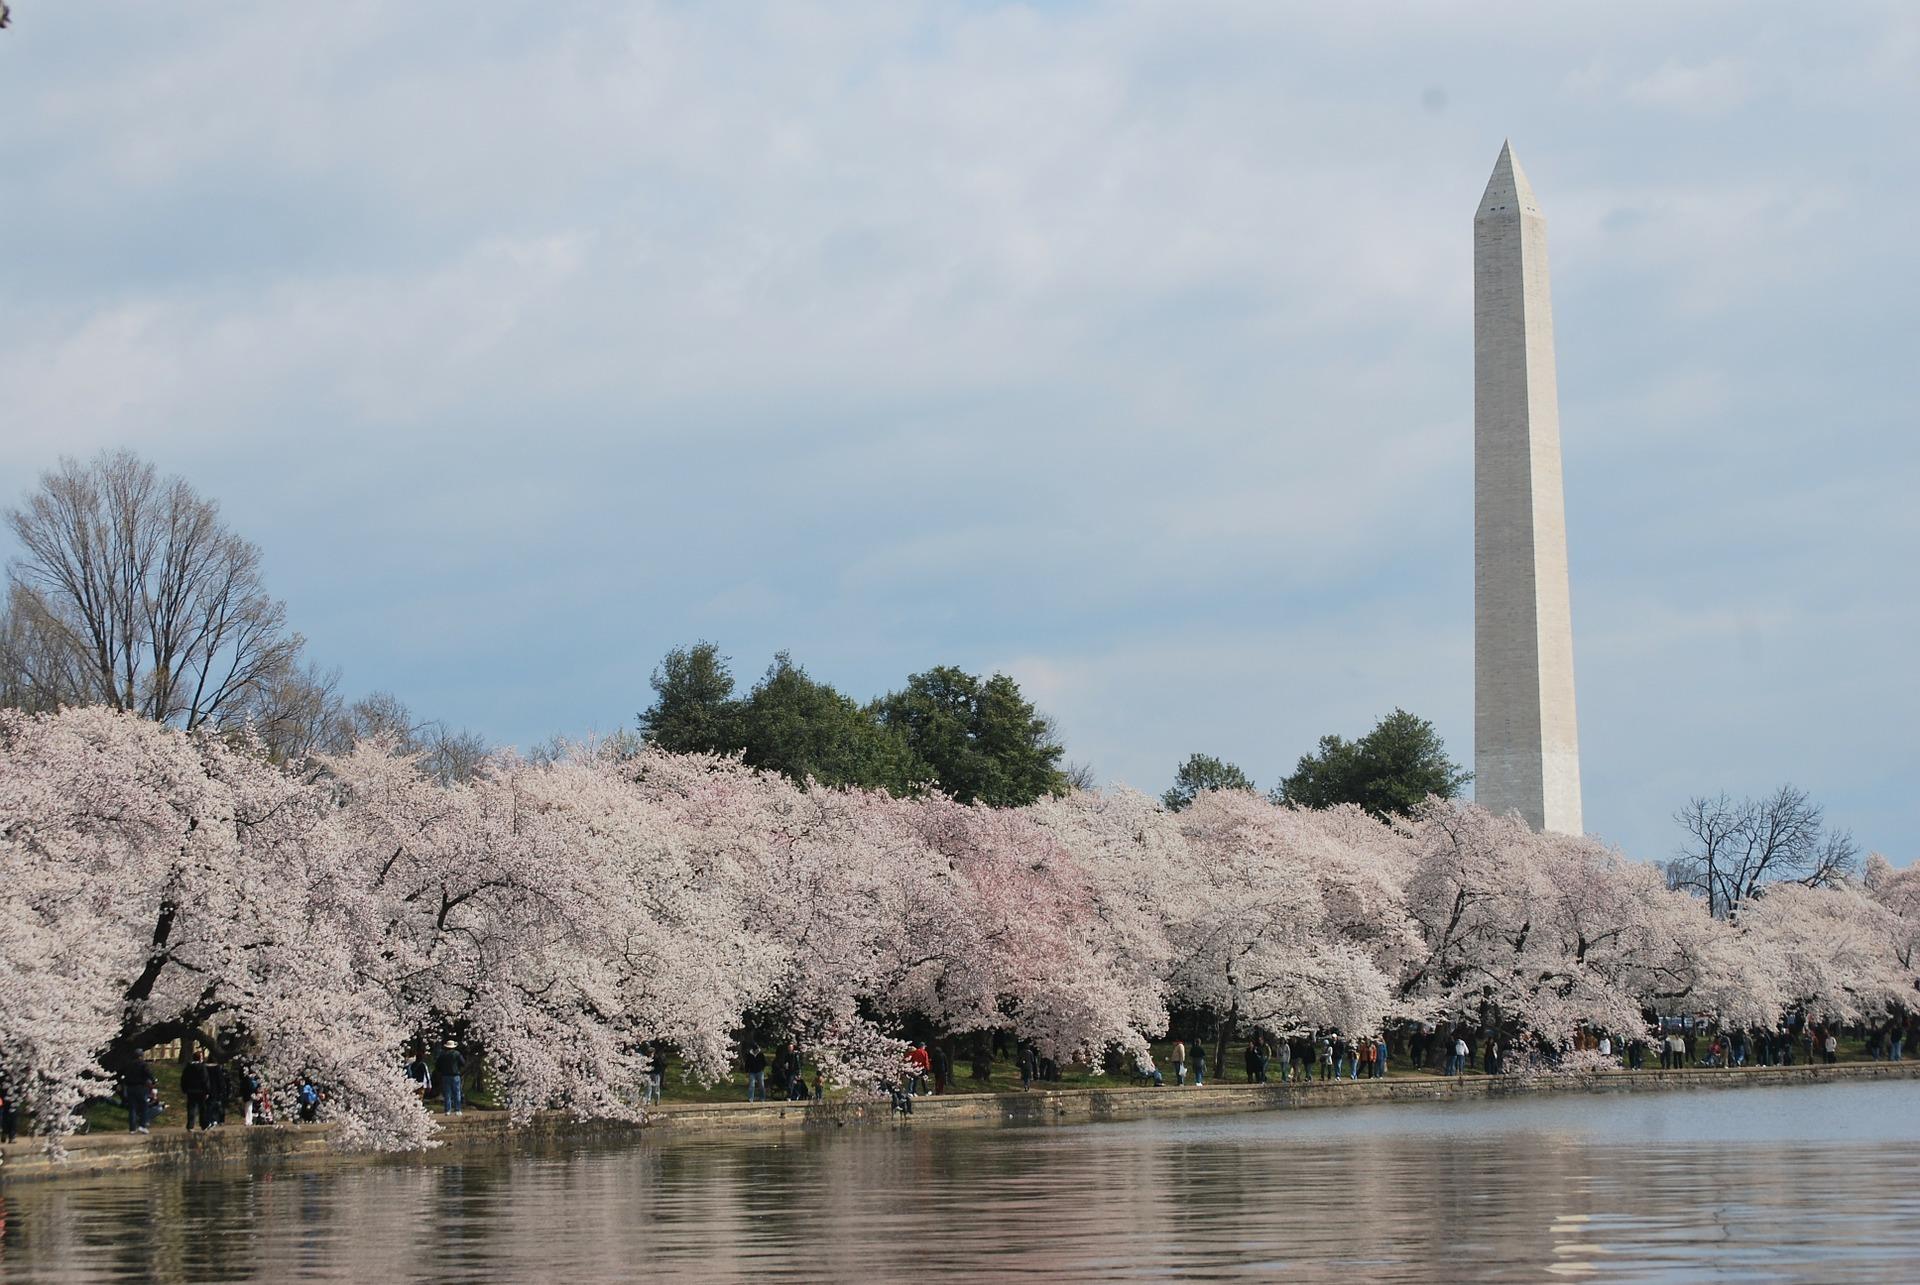 桜並木 ワシントン記念塔